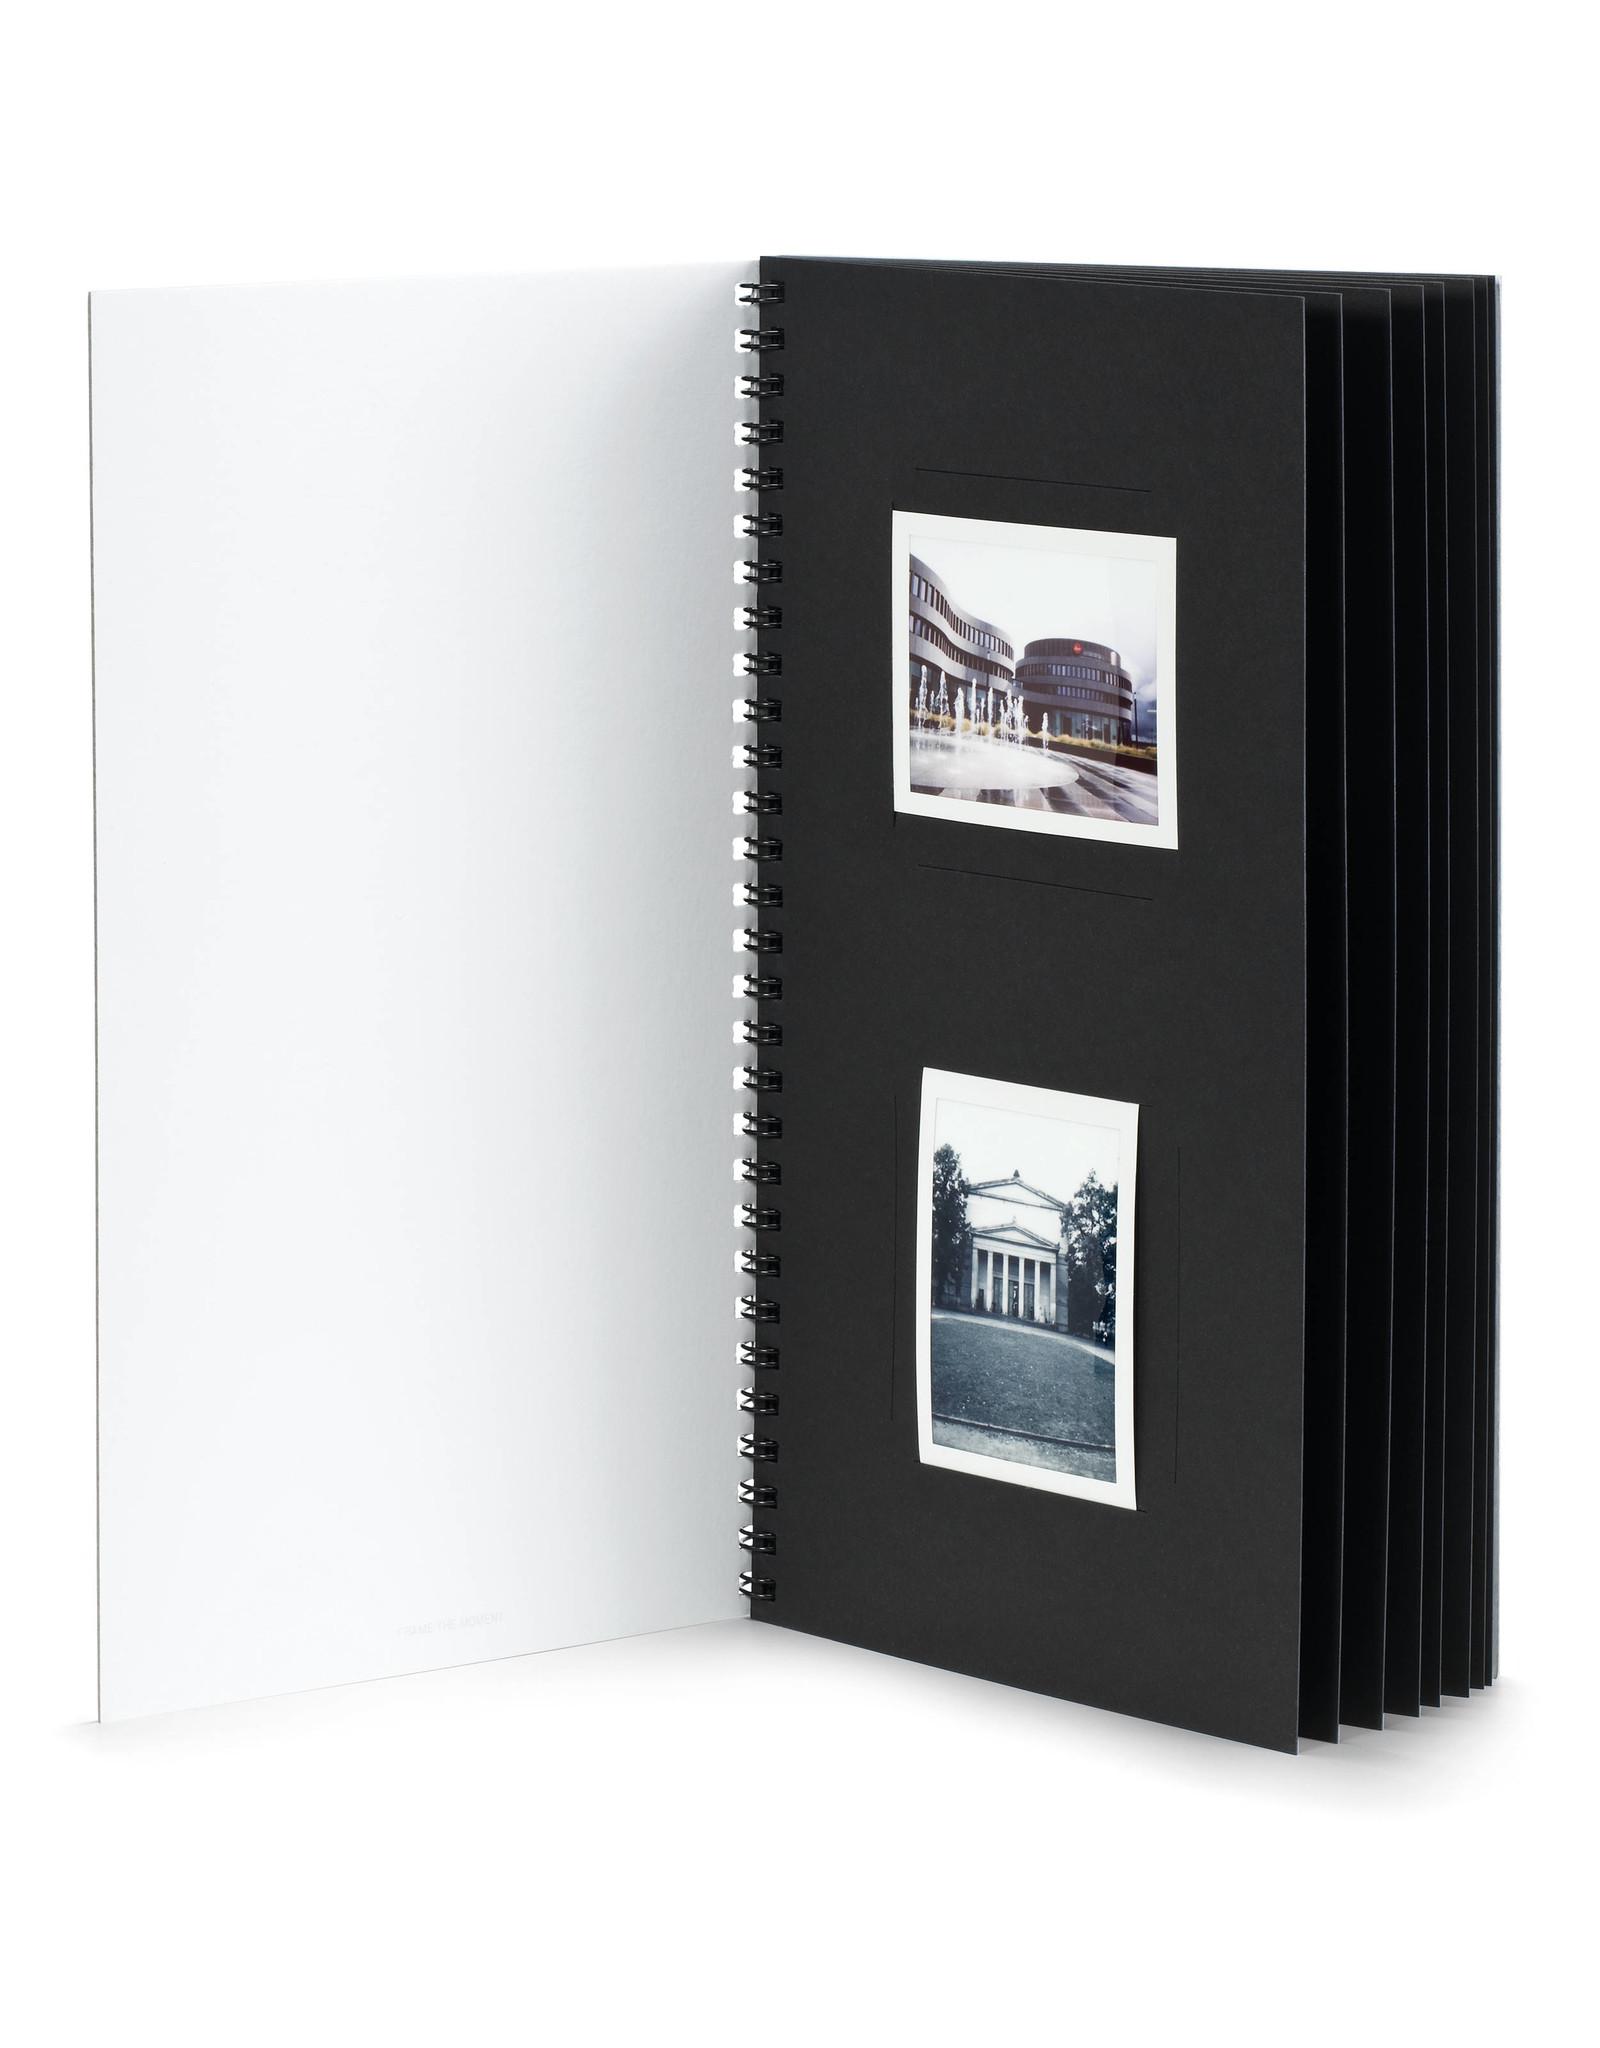 Leica Leica SOFORT Photo Album   195-16